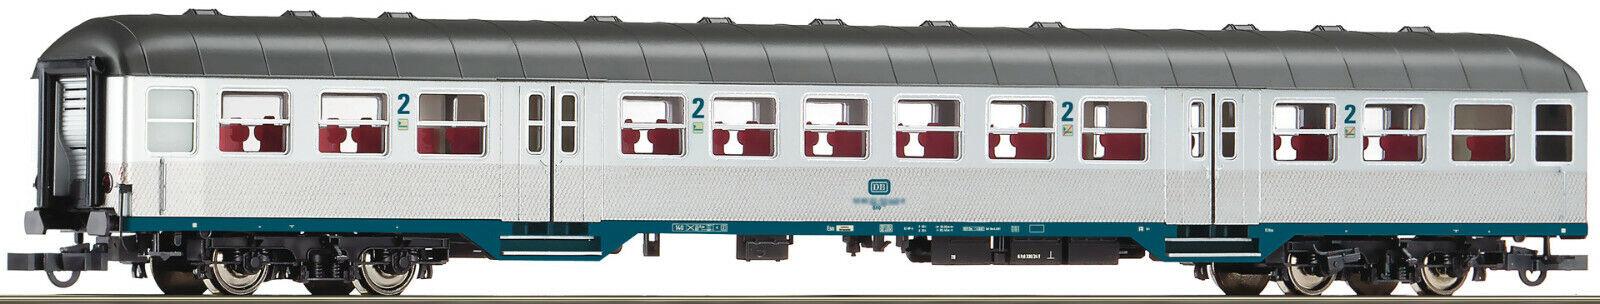 Roco h0 64662-nahverkehrswagen 2. clase, DB, EP. III-IV mercancía nueva